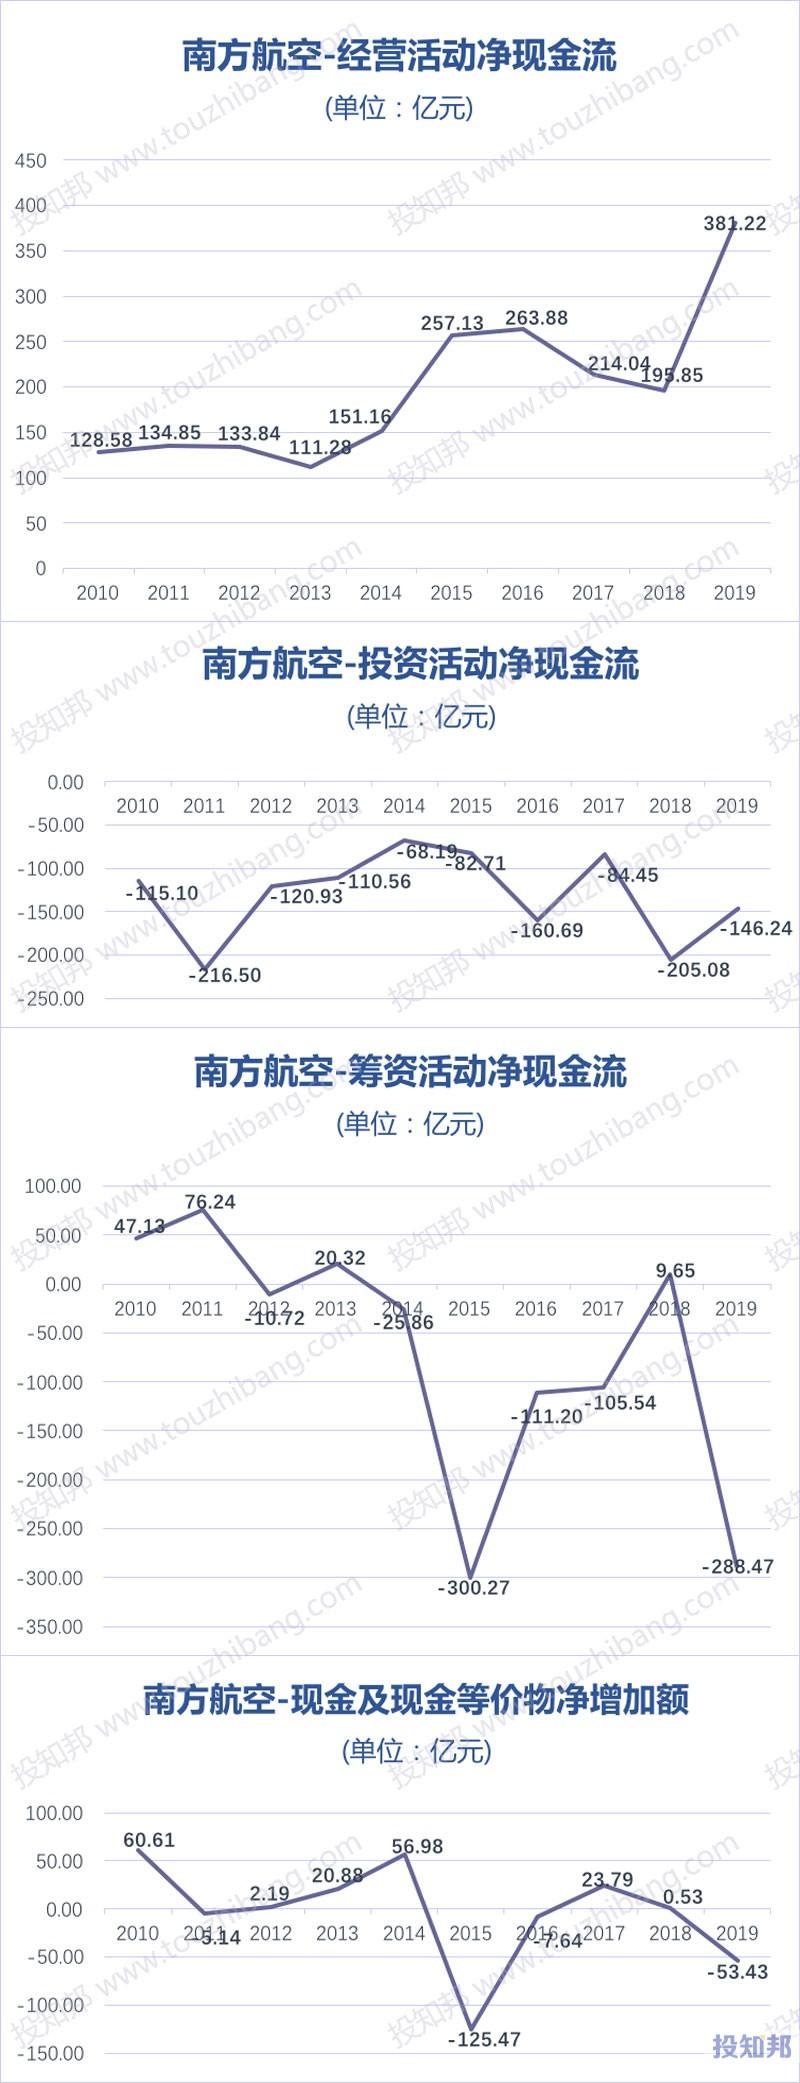 南方航空(600029)财报数据图示(2010年~2020年Q3,更新)